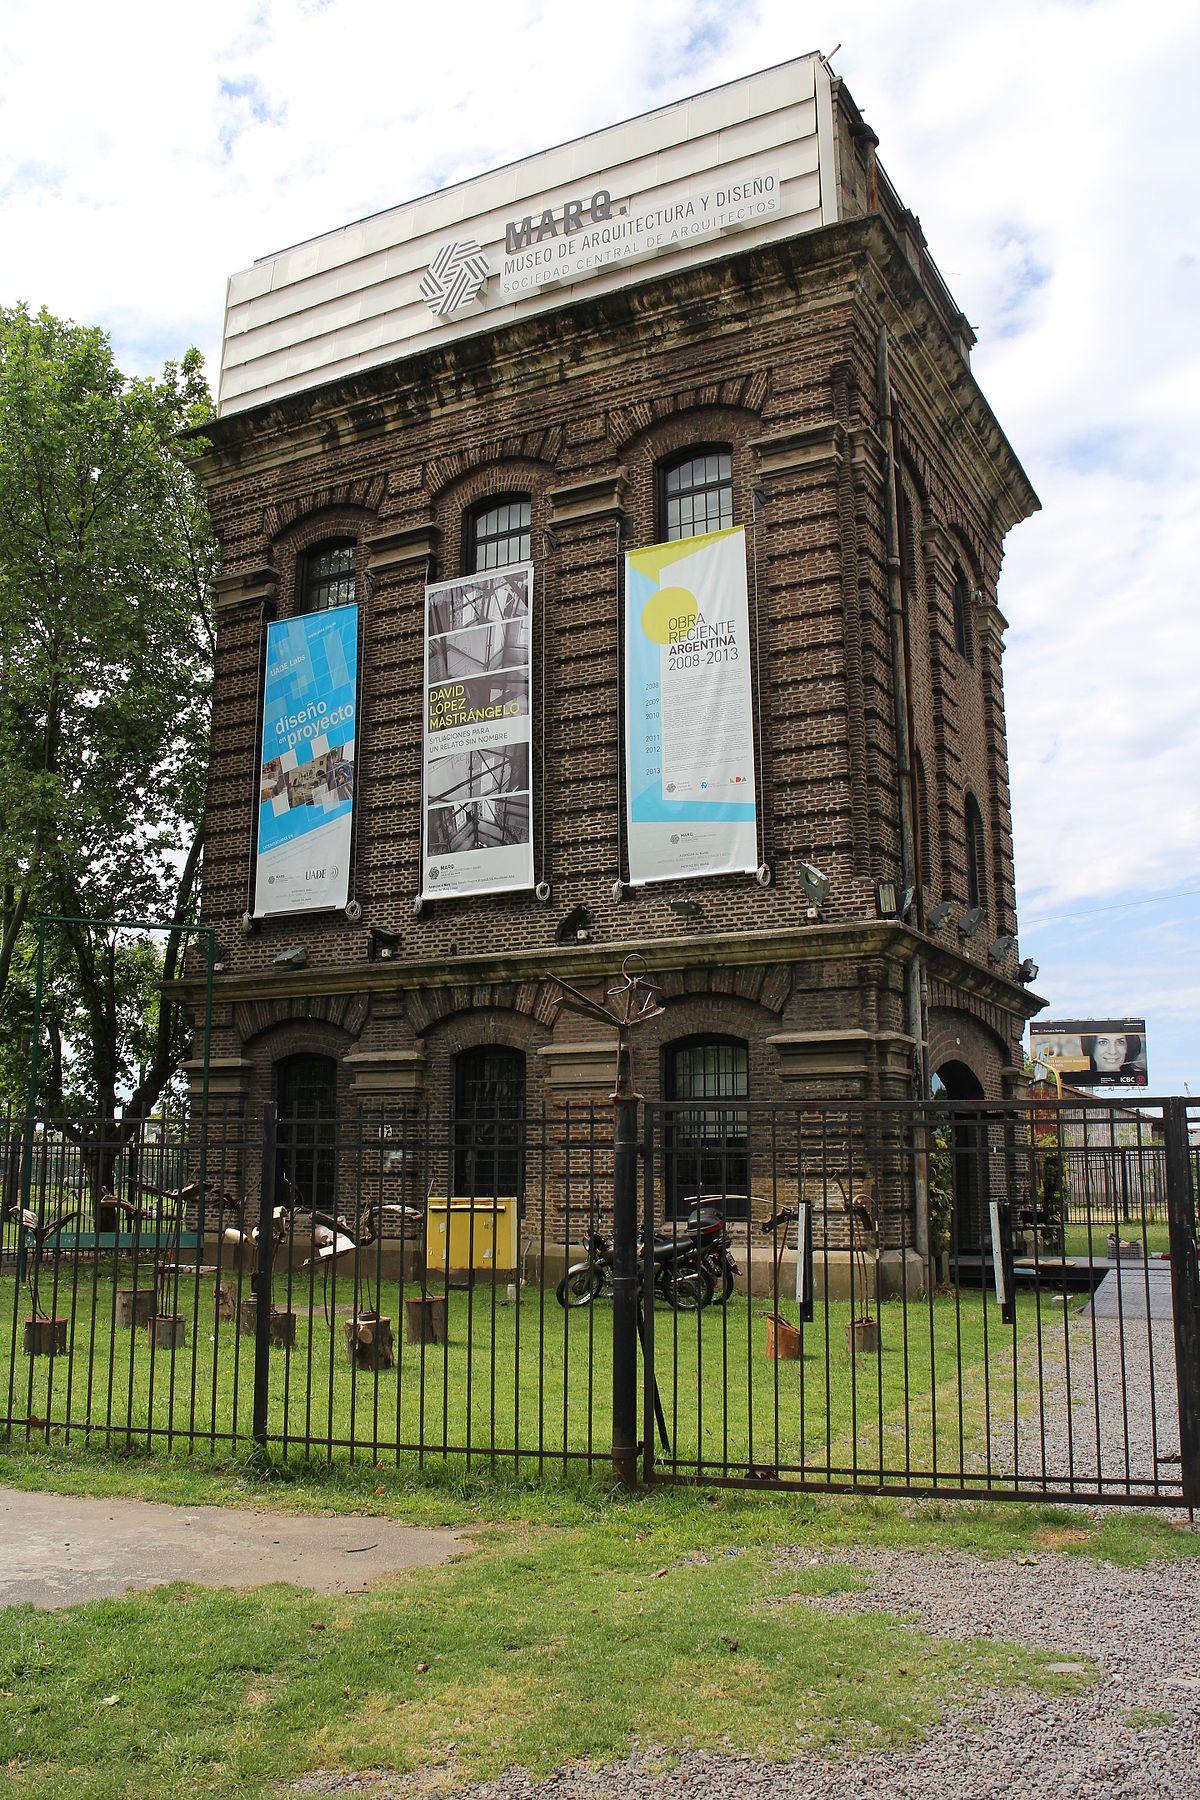 Museo de arquitectura y dise o wikipedia la enciclopedia libre - Arquitectura y diseno ...